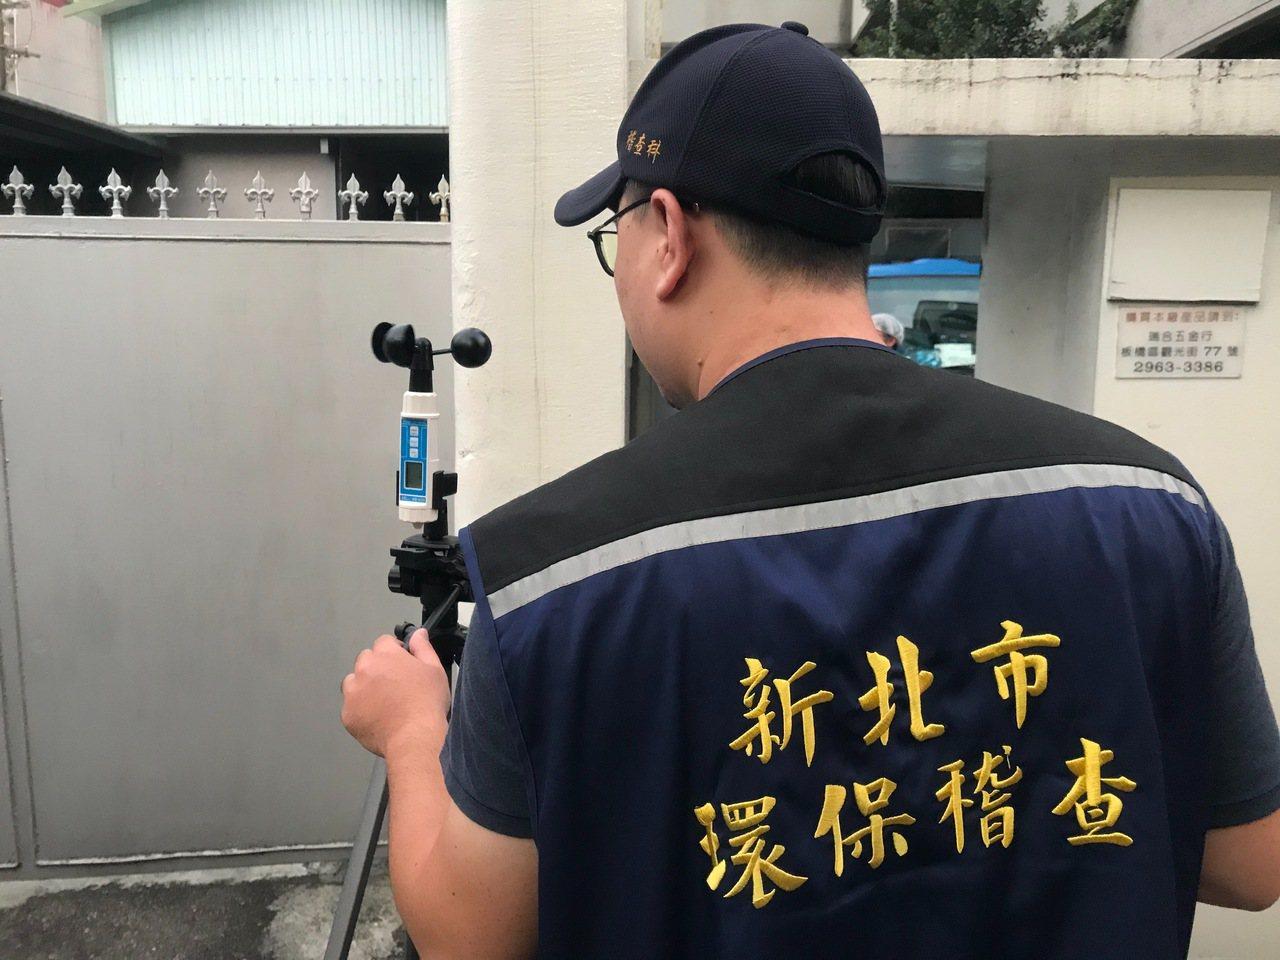 稽查人員正以科學儀器檢測各地異味數值。圖/環保局提供